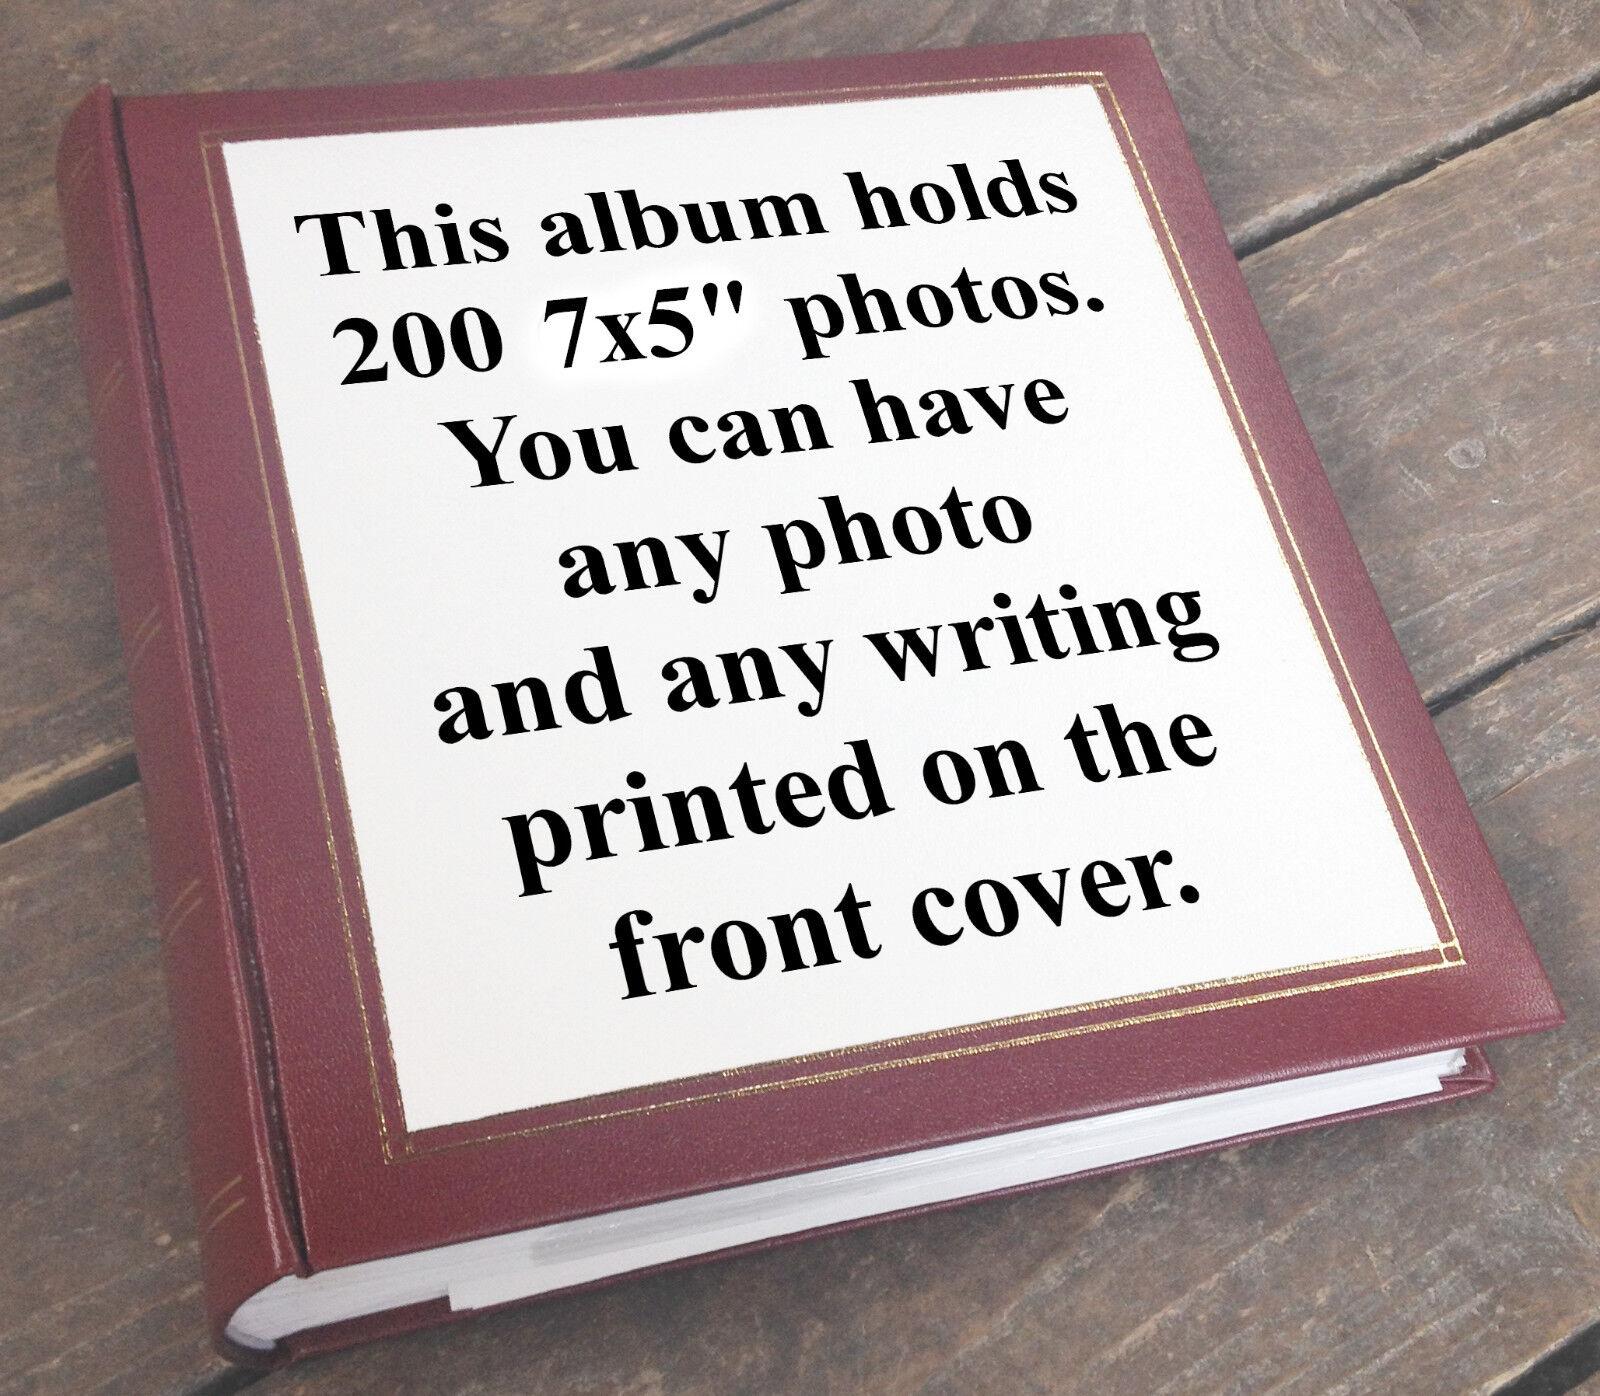 ALBUM foto grande 7x5 libro della memoria, 200 7x5 grande  foto Grandad Regalo Di Compleanno ccbd5e